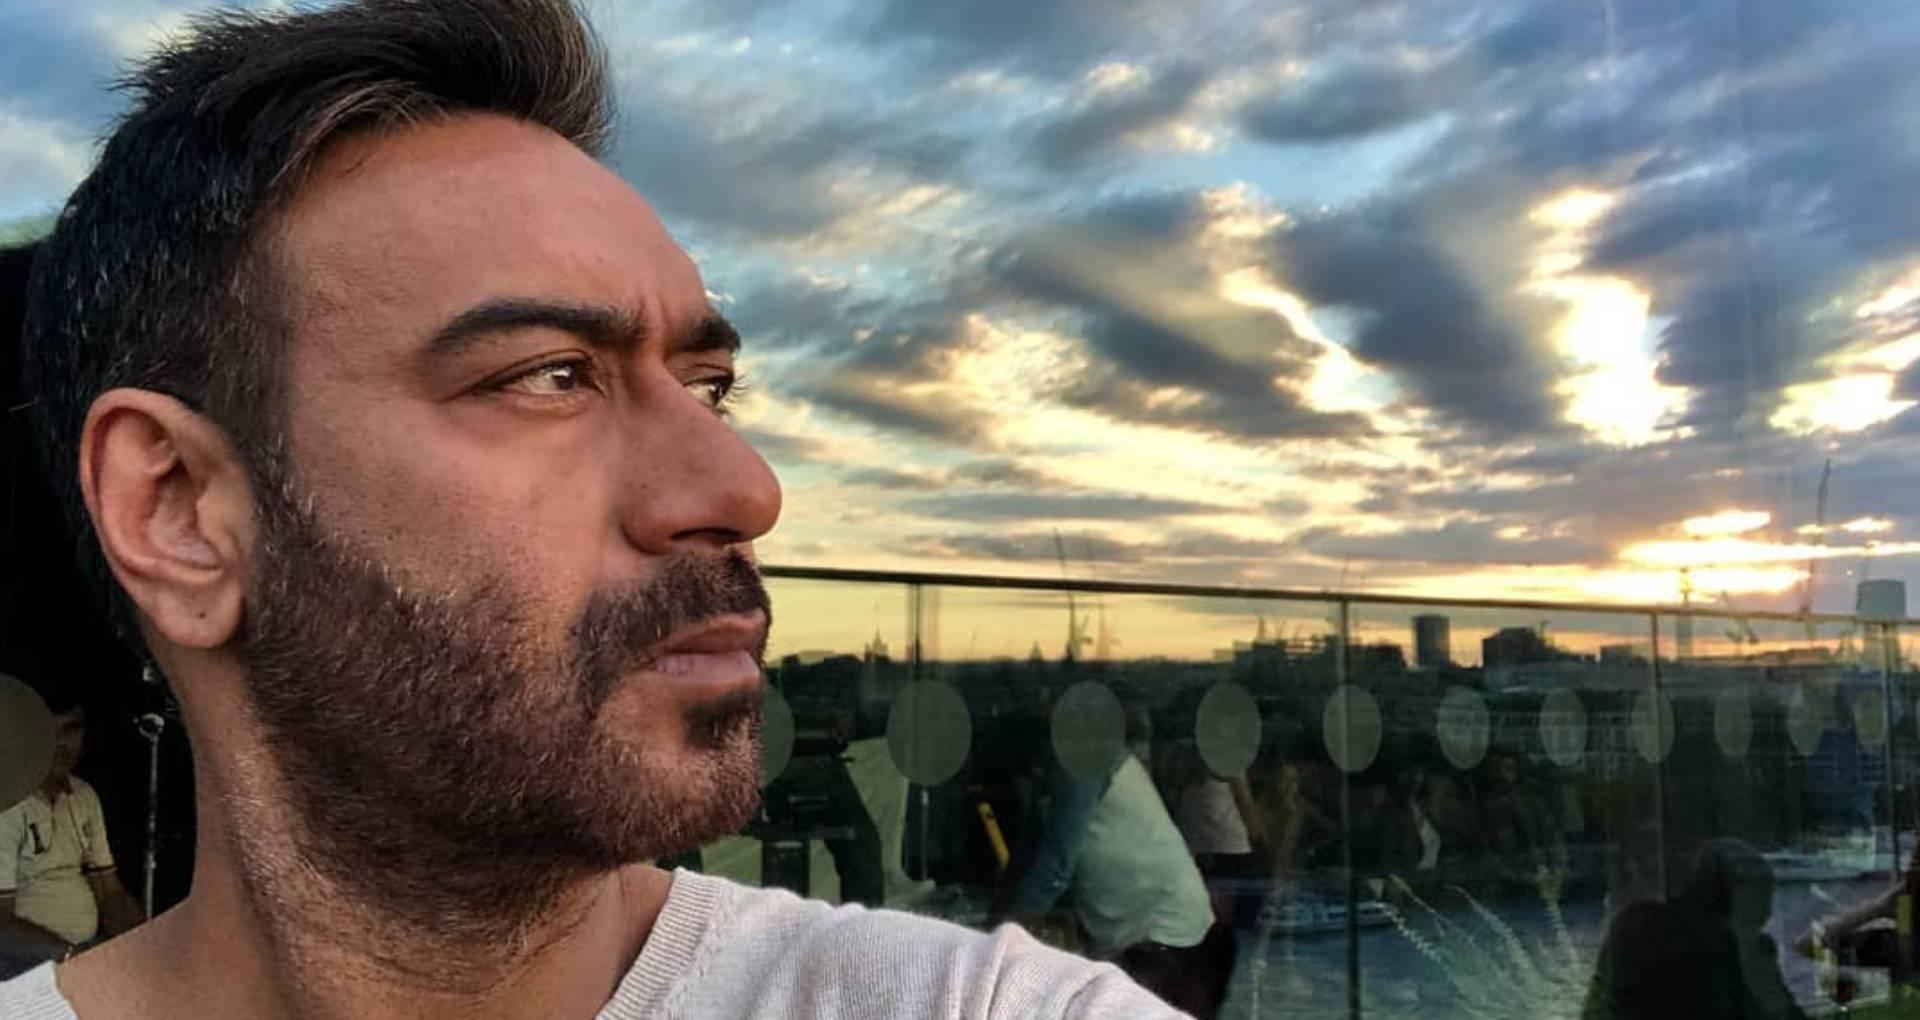 लव रंजन की फिल्म में साथ काम करेंगे अजय देवगन-रणबीर कपूर, बॉलीवुड के सिंघम ने किया कंफर्म